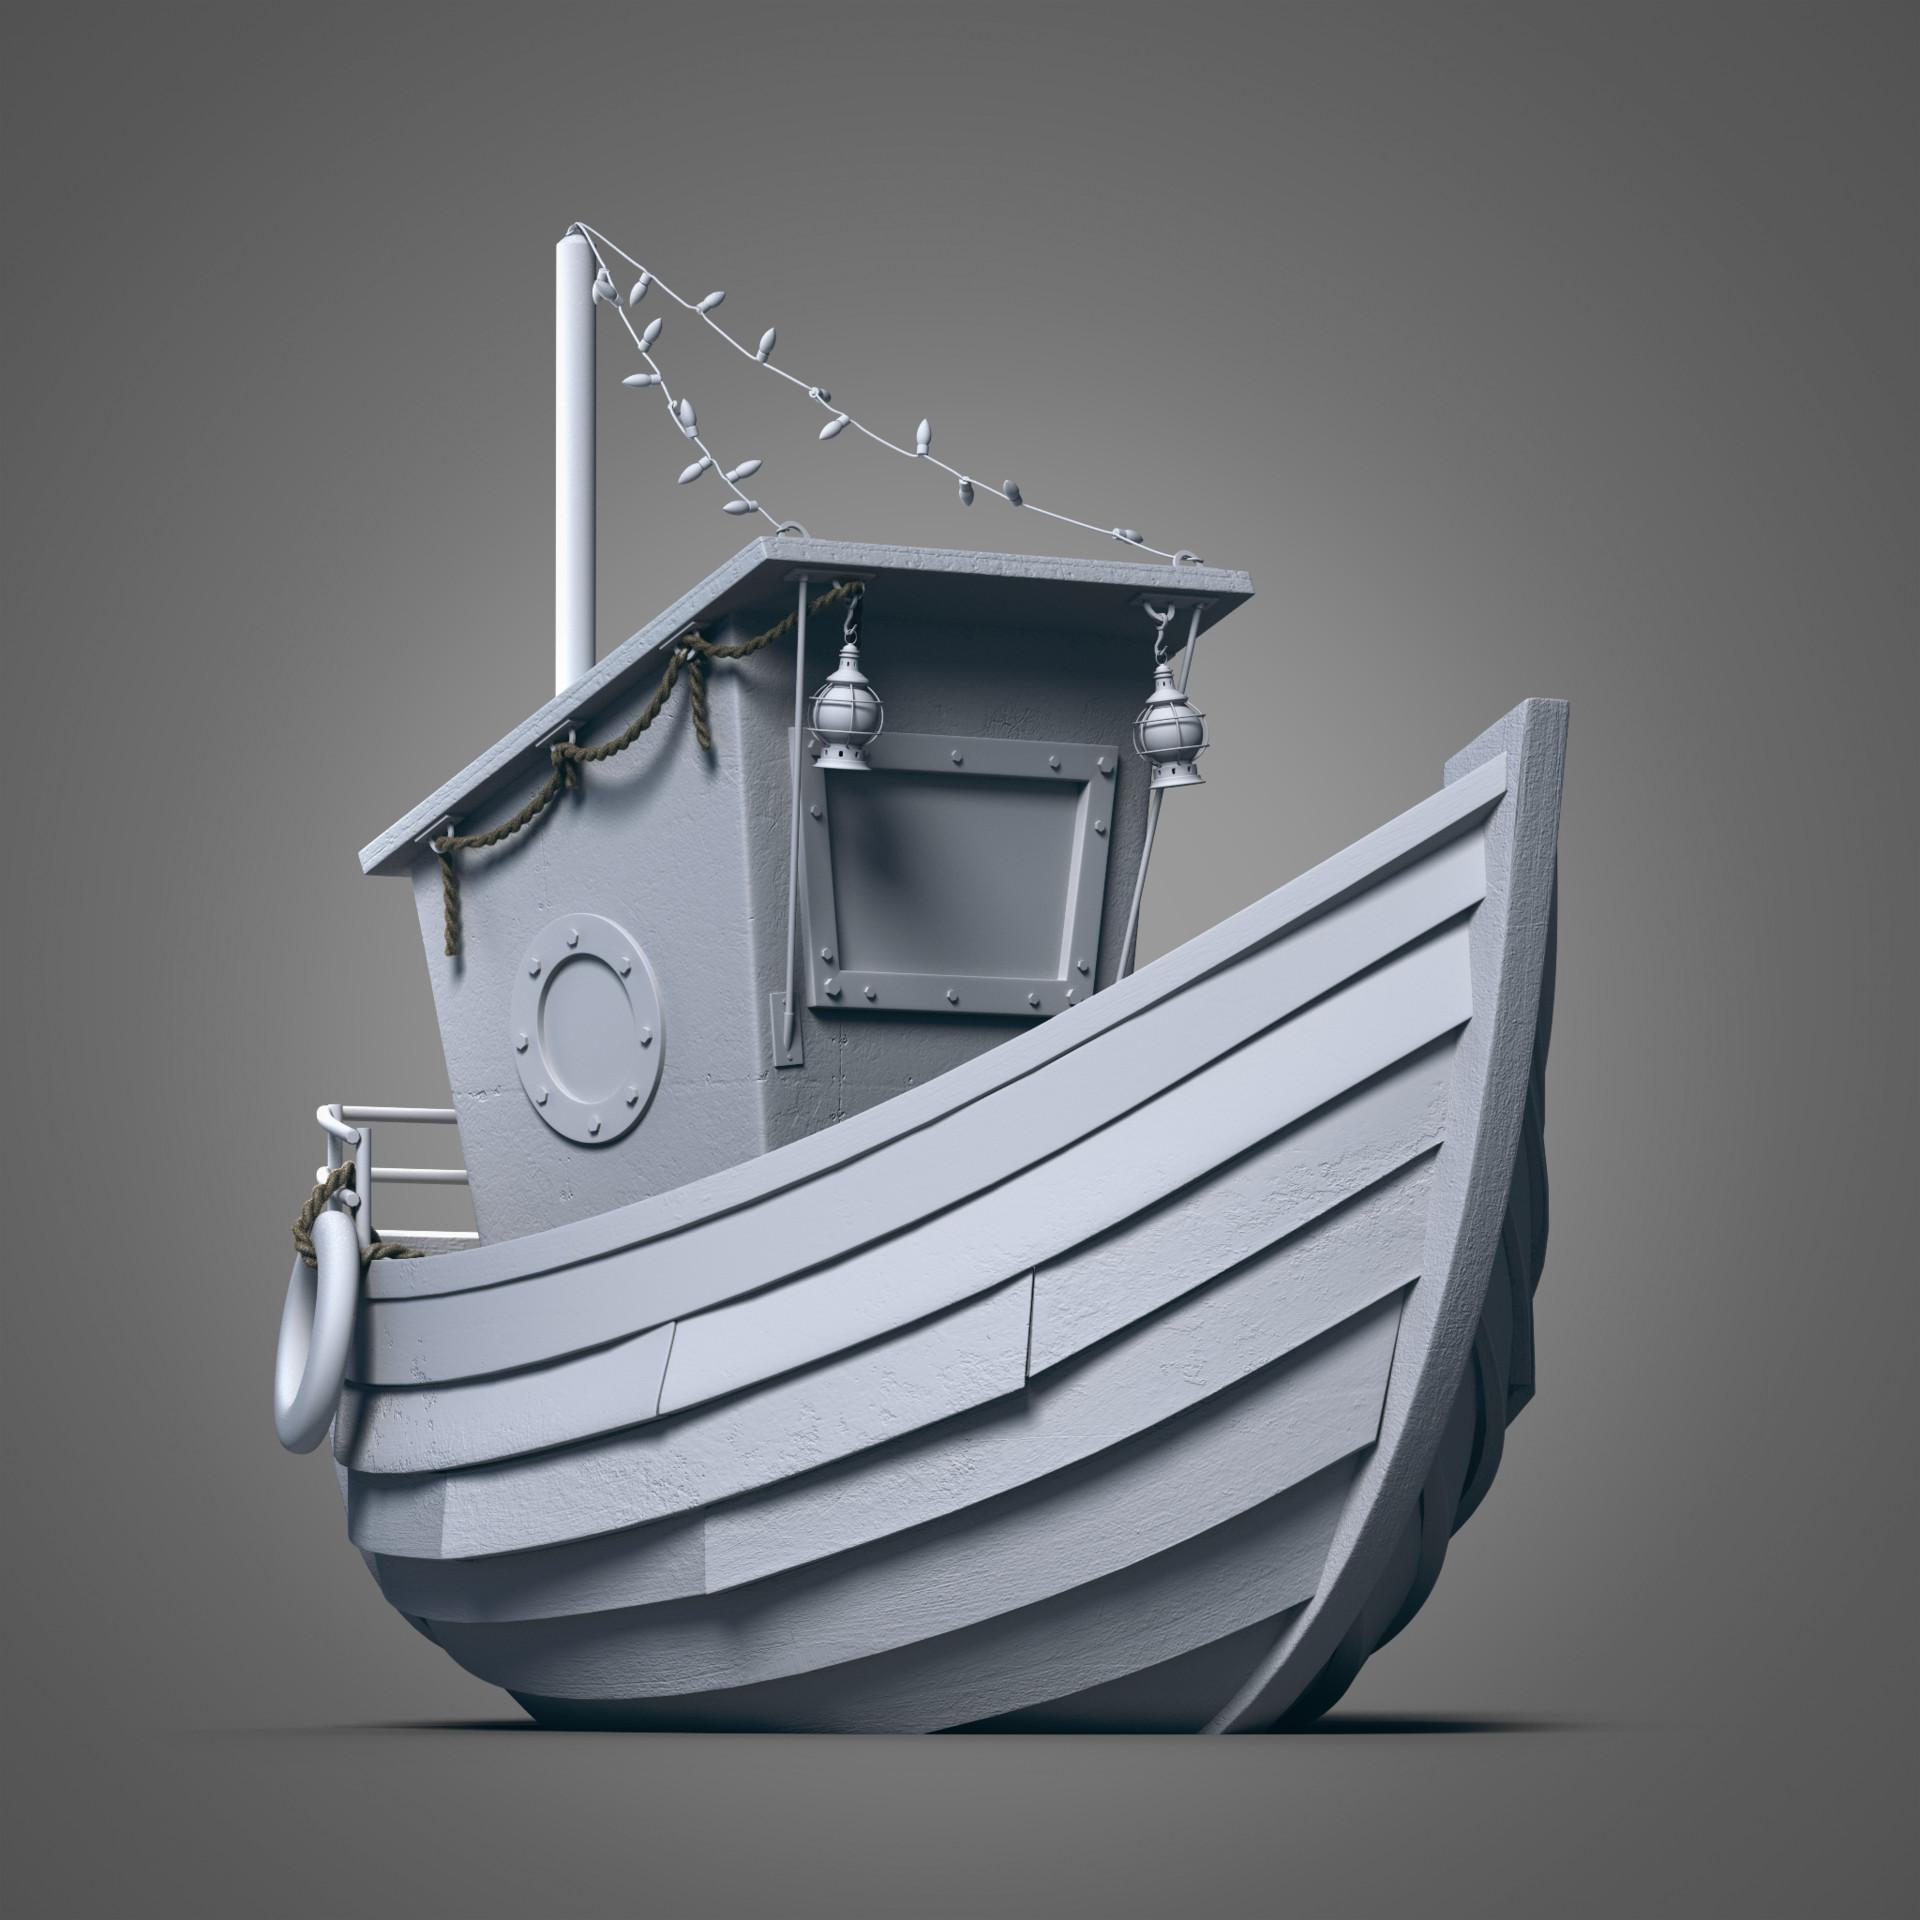 Silvia cortellino boat model